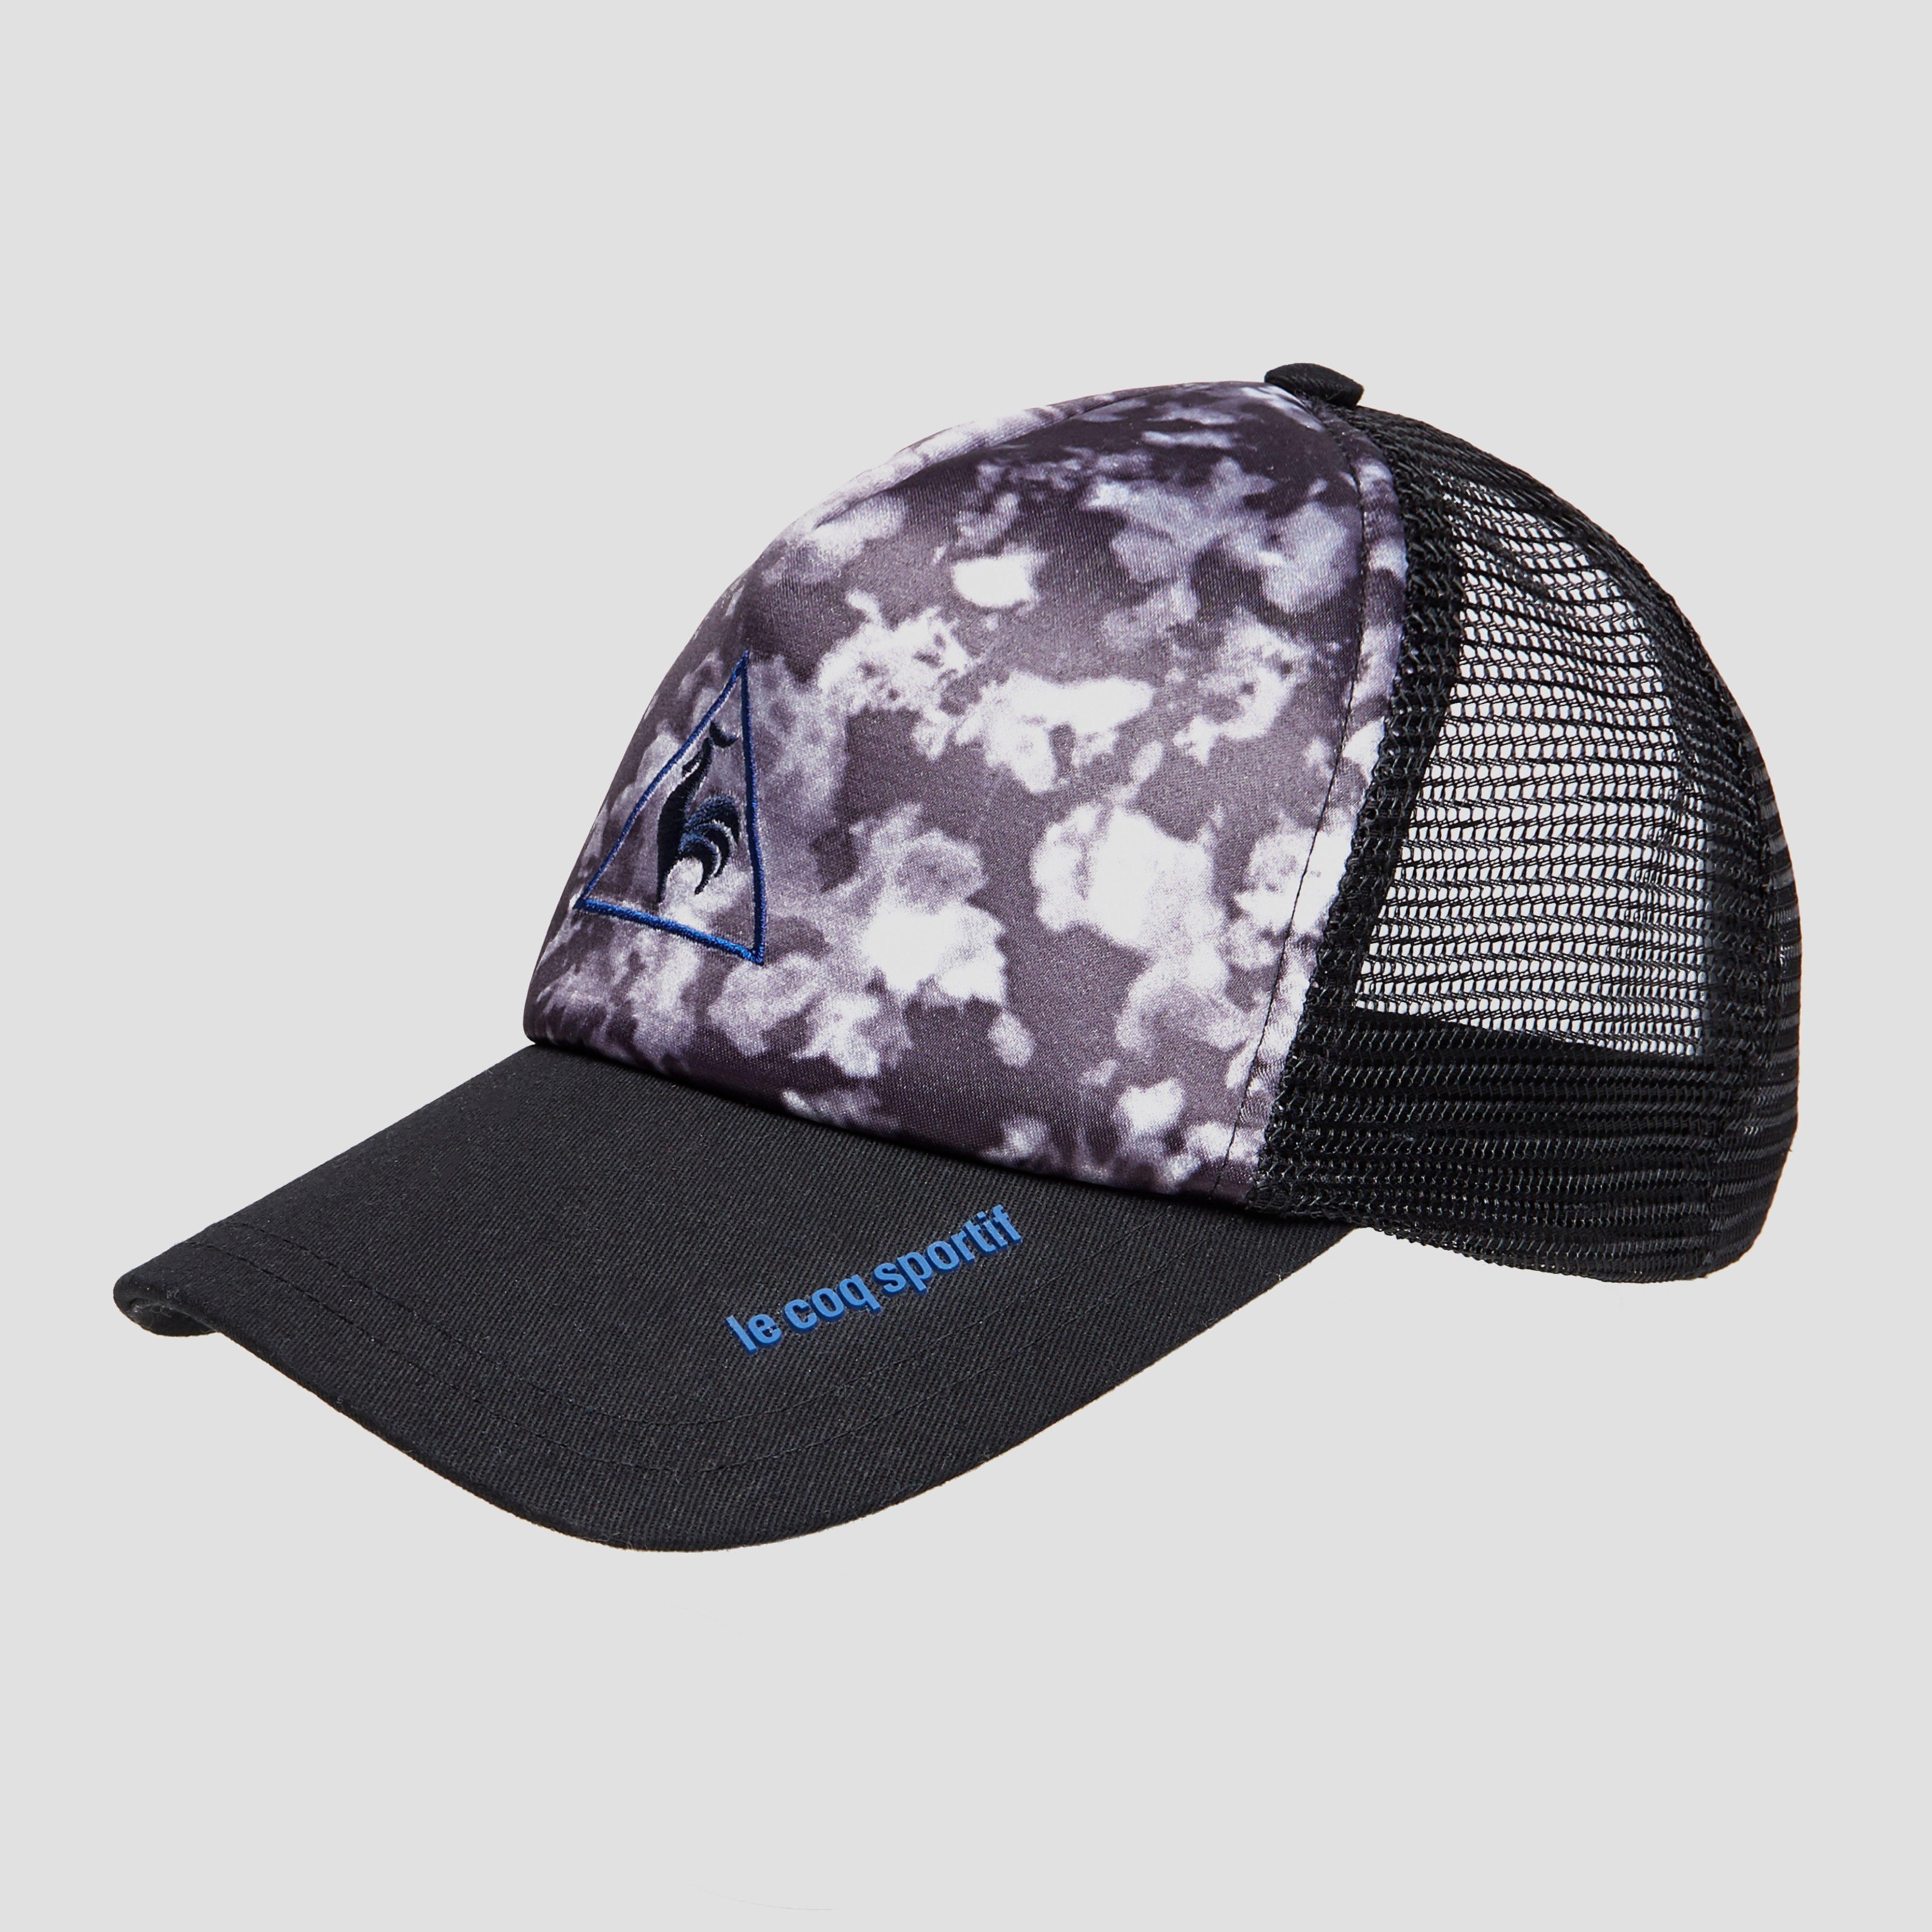 Le coq sportif SALVADOR SNAPBACK CAP